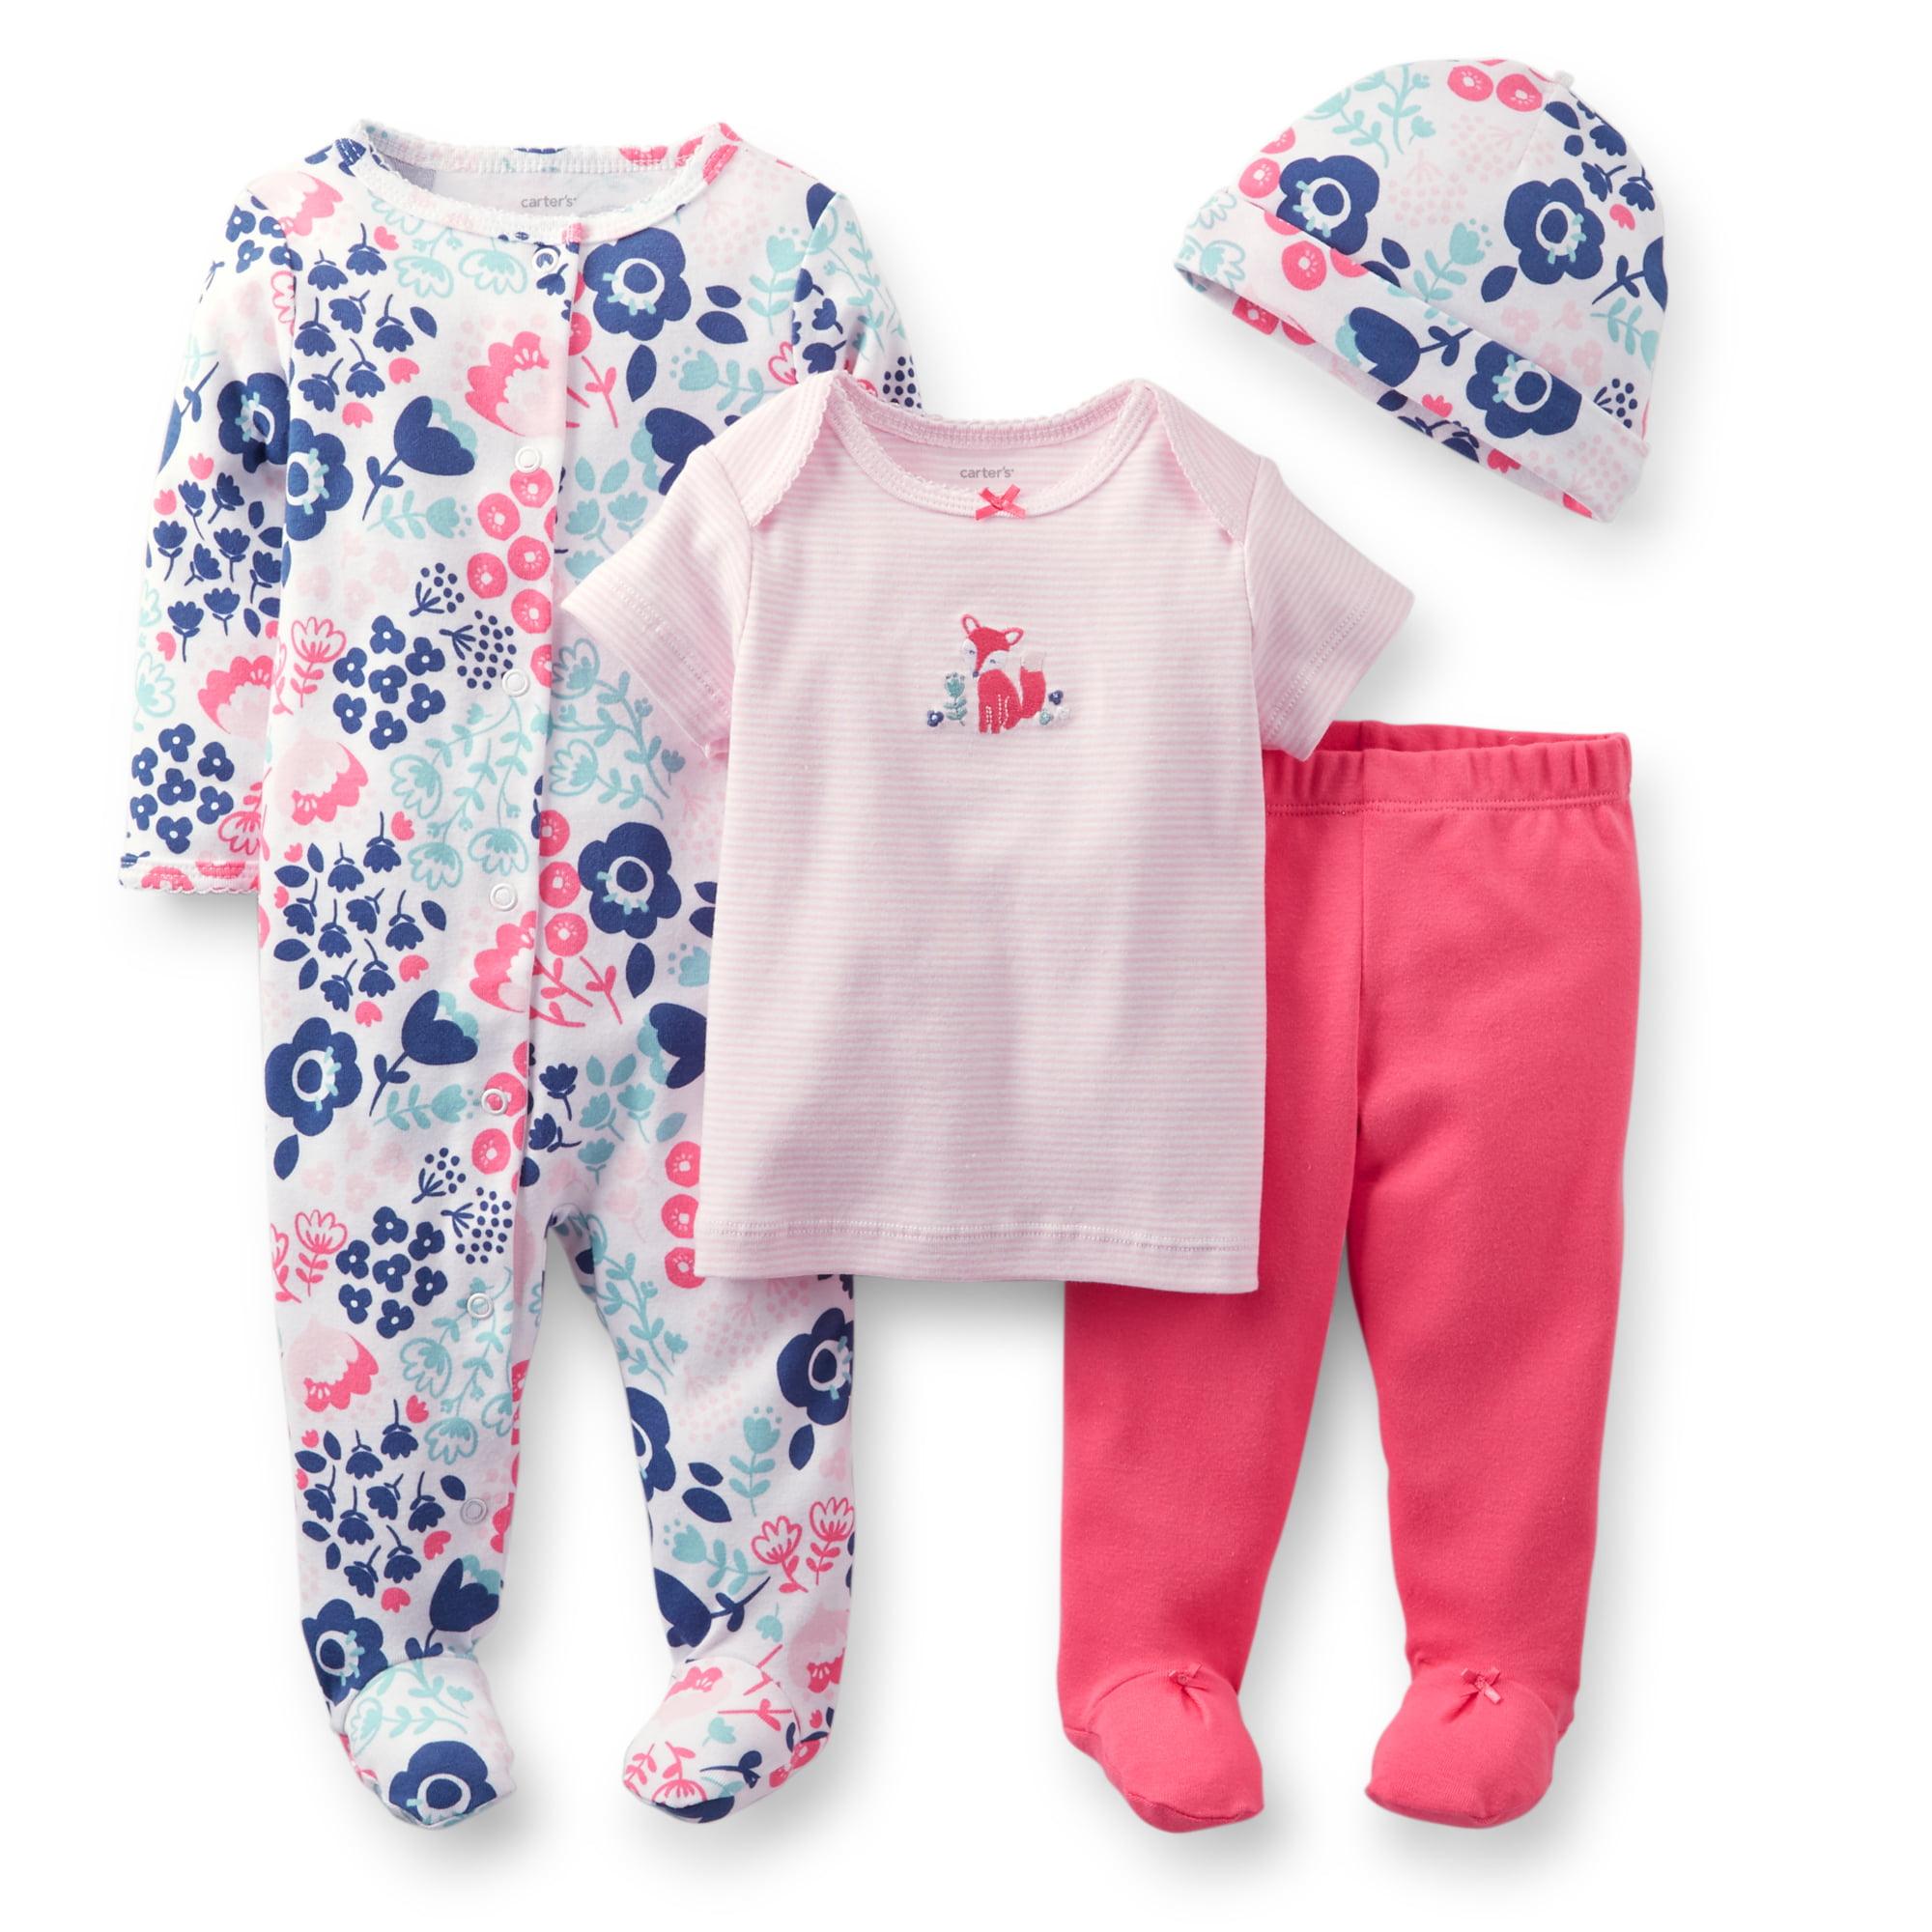 CafePress Newborn Baby Sorry Daddy Bodysuit - Walmart.com |Walmart Baby Jackets